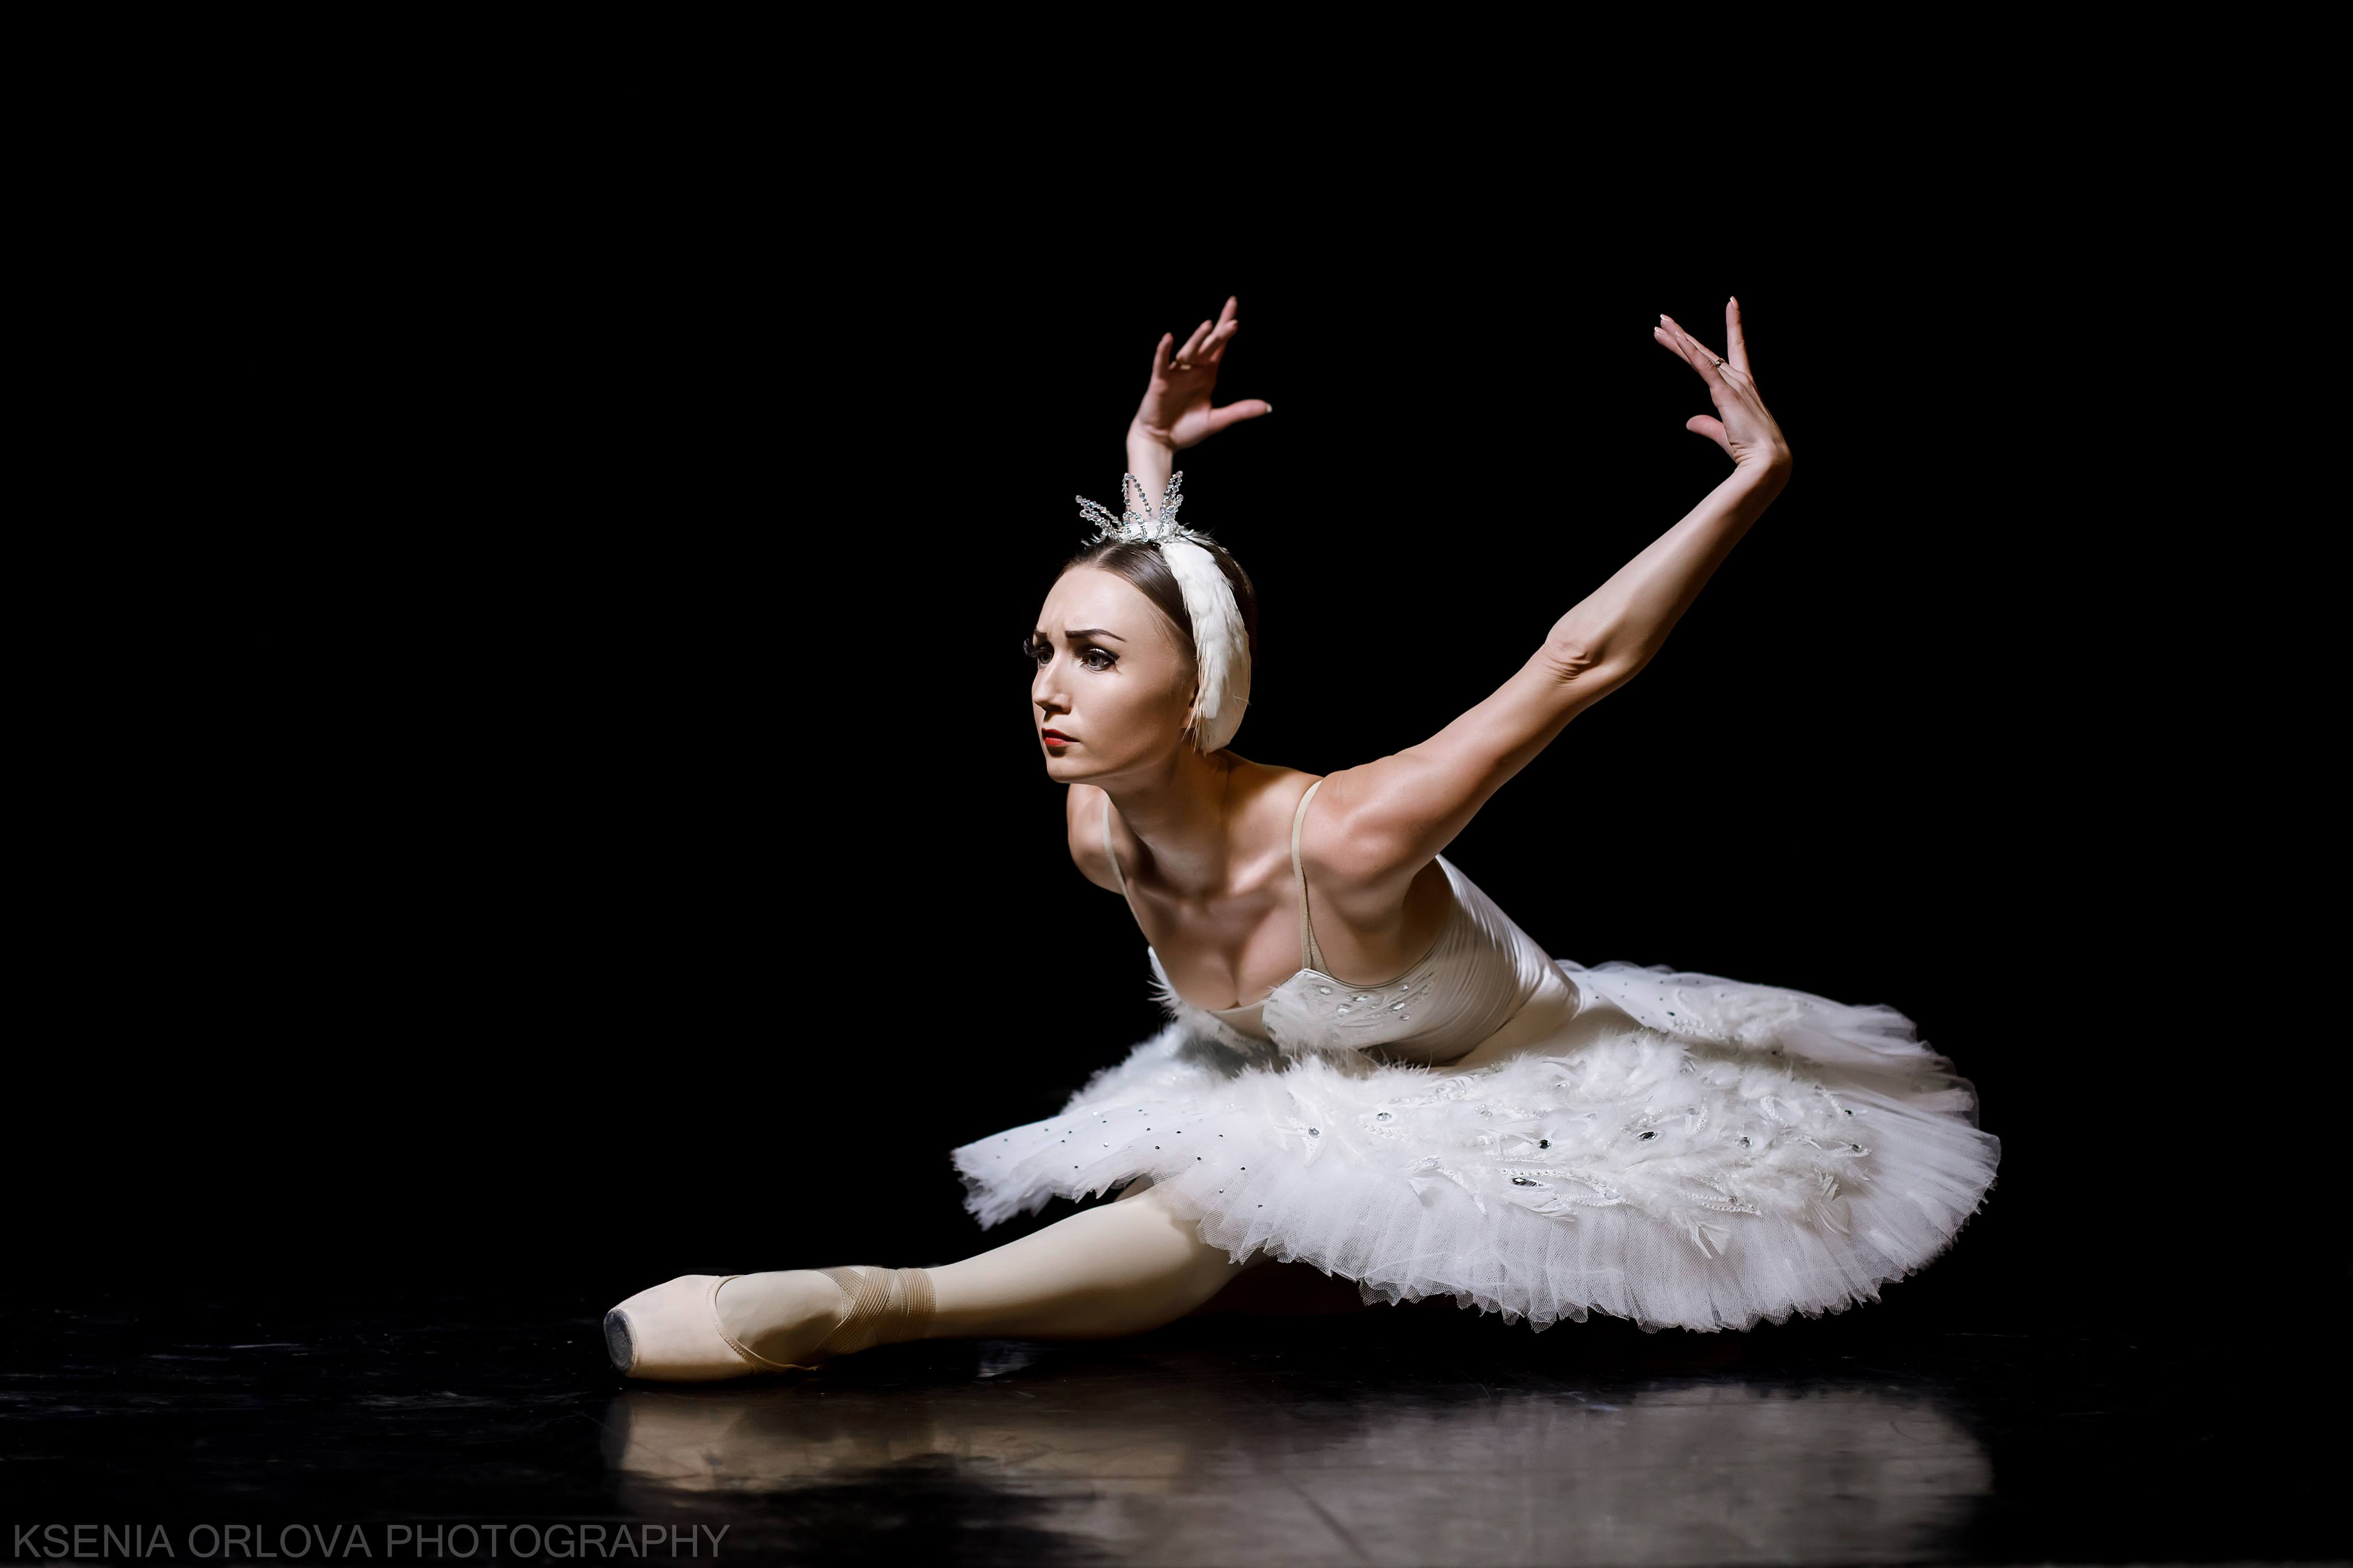 Балерина Катерина Диденко: «Меня называют немецкая машина»-Фото 4